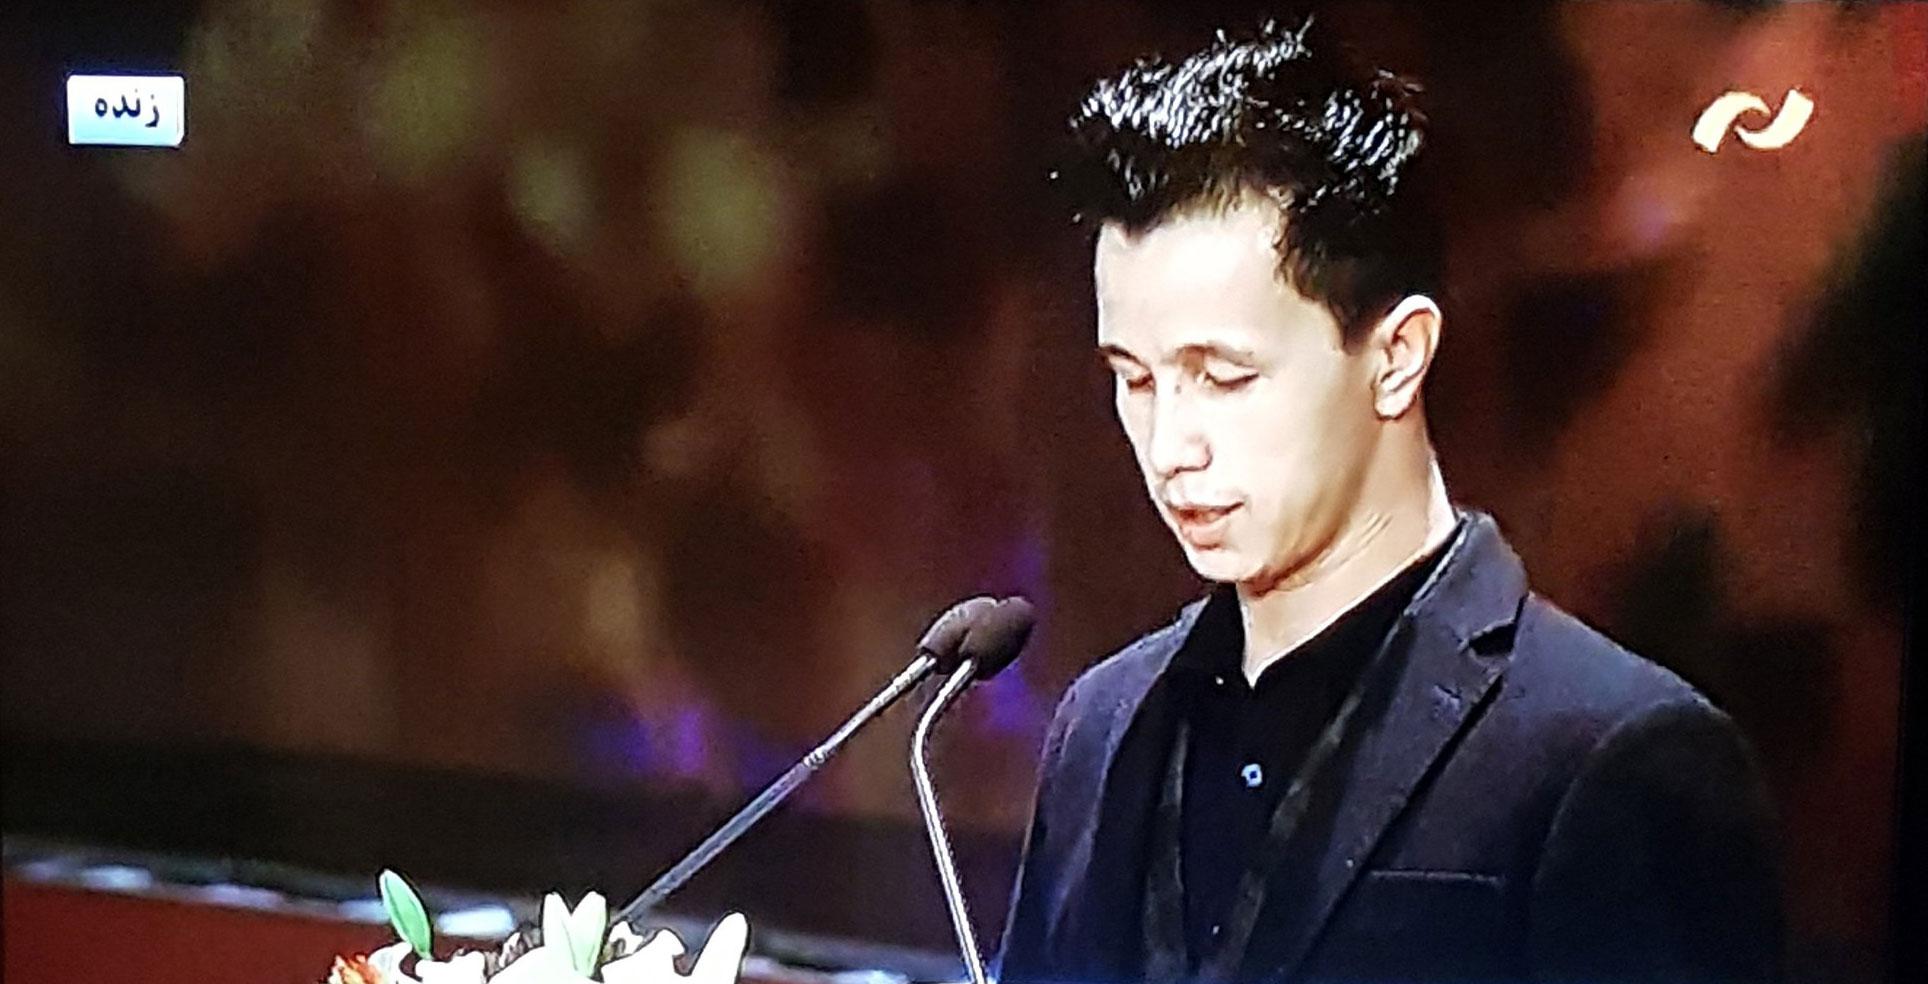 برندگان سیمرغهای بلورین سی و هفتمین جشنواره فیلم فجر / «مسخره باز» جایزه بهترین فیلم نگاه نو را گرفت و کارگردانش جایزه را نگرفت!